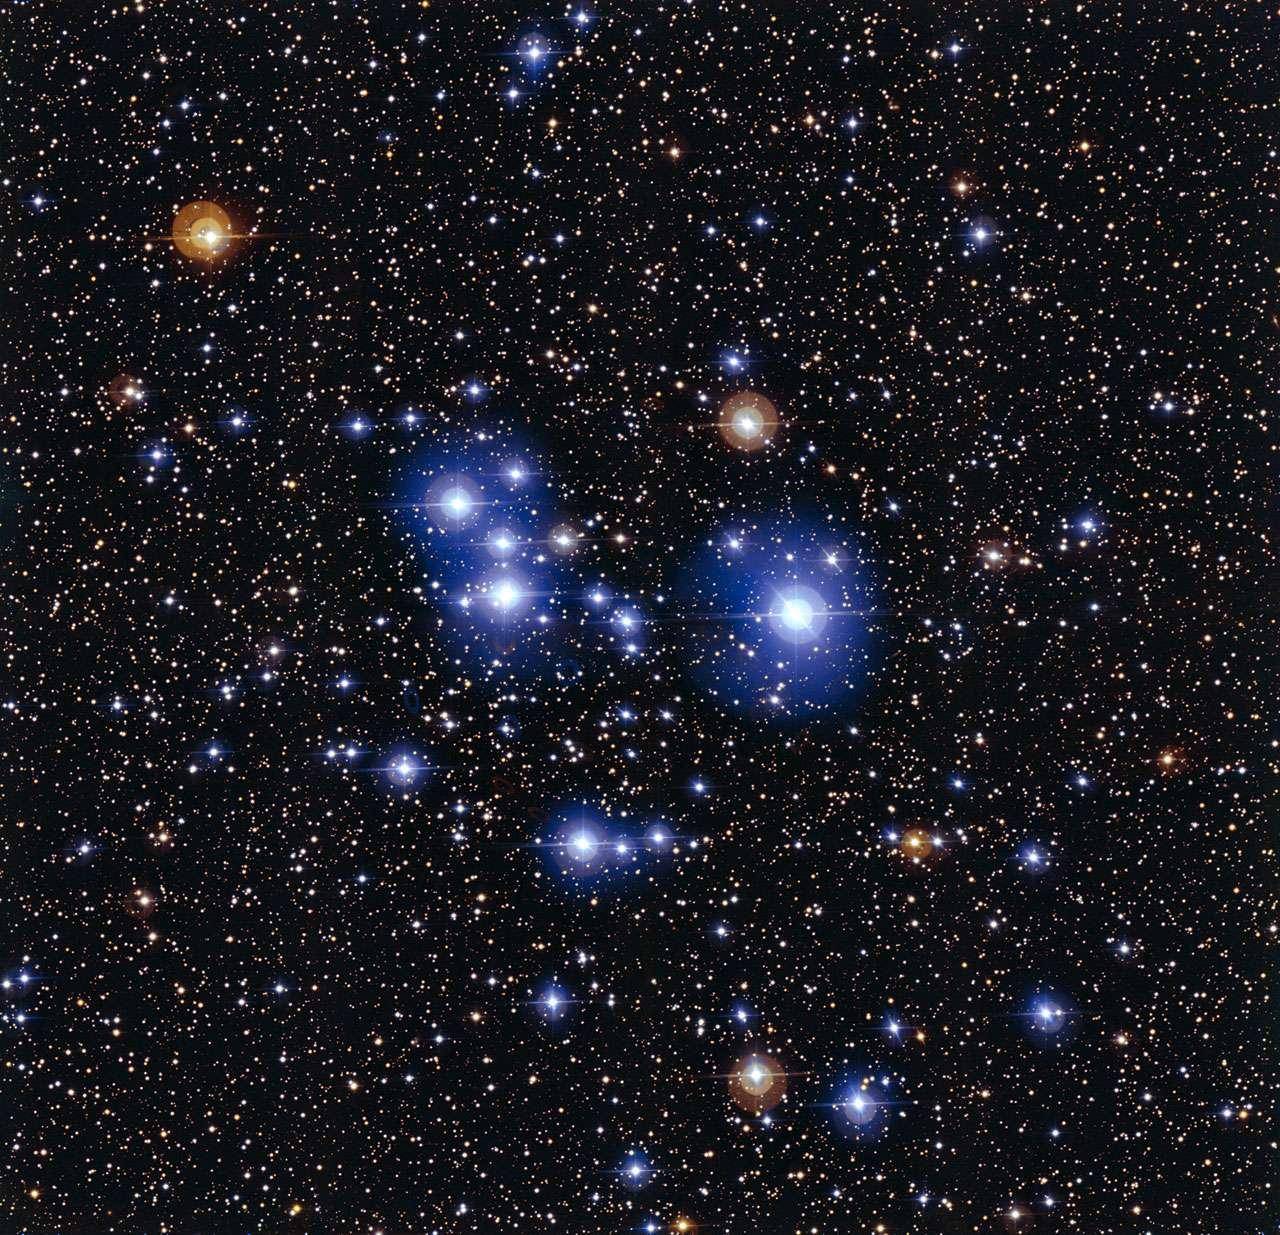 Messier 47 est l'un des amas ouverts les moins peuplés connus des astronomes. Il réunit une cinquantaine d'étoiles seulement dans un espace de quelque 12 années-lumière de diamètre. Situé à environ 1.600 années-lumière de la Terre, en direction de la constellation de la Poupe, au voisinage du Grand Chien et de la très brillante Sirius, l'essaim d'étoiles est observable dans le ciel d'hiver. © Eso